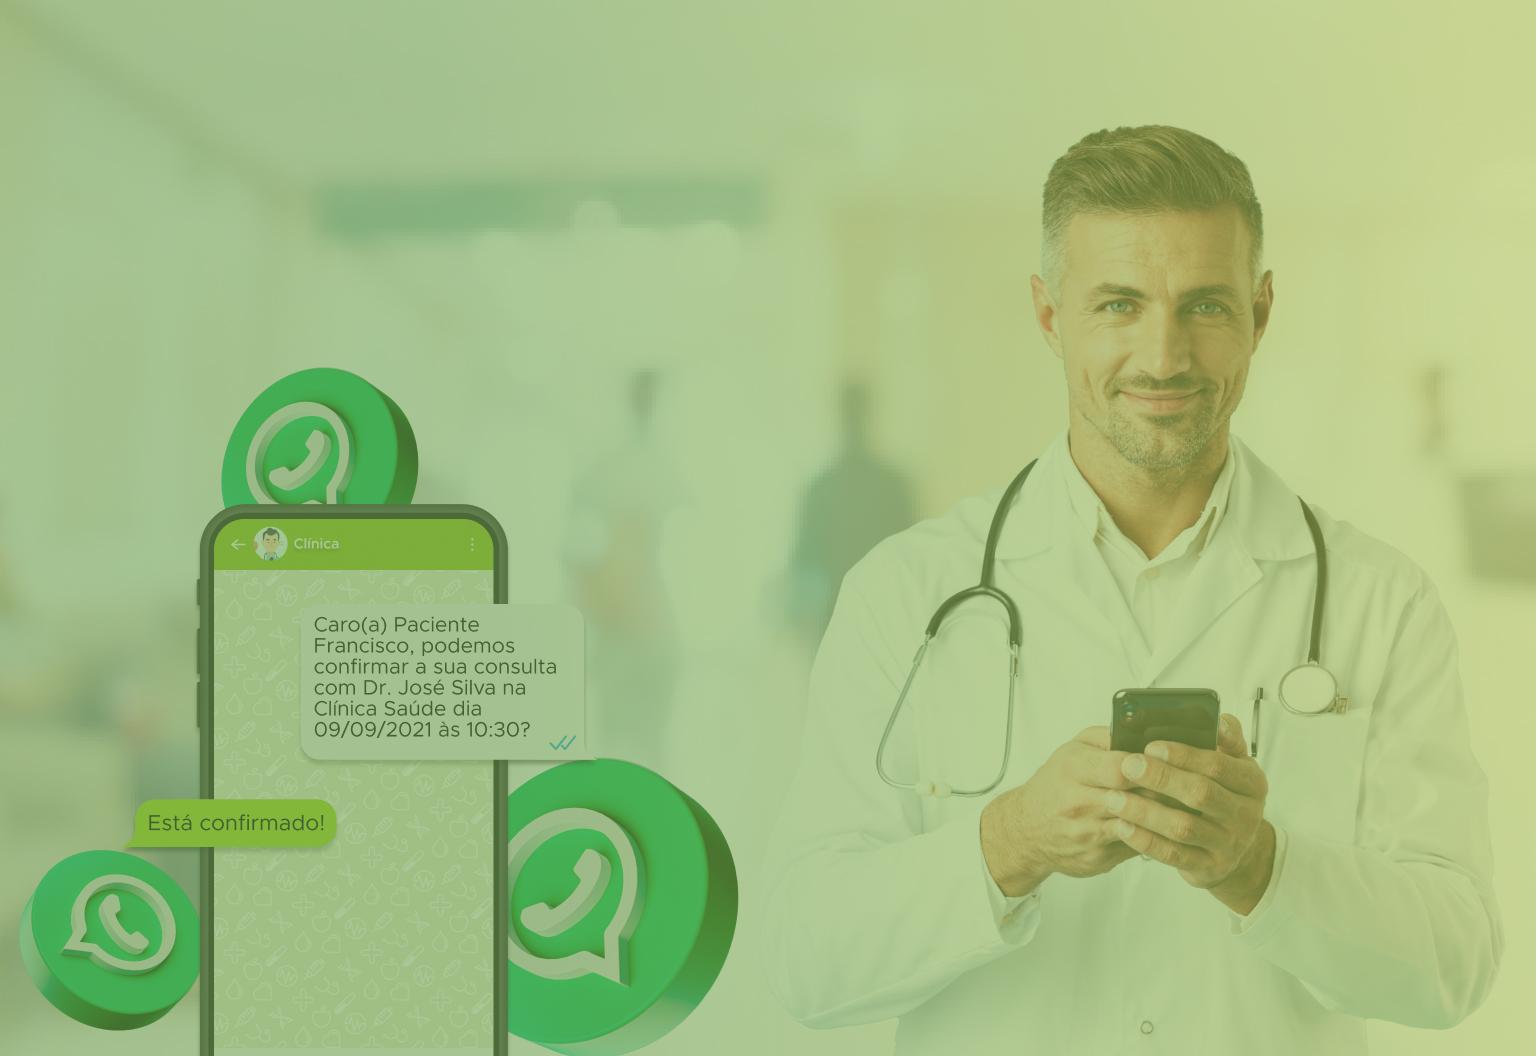 Novidade! Confirmação de consultas automáticas por WhatsApp: como funciona e quais são os benefícios